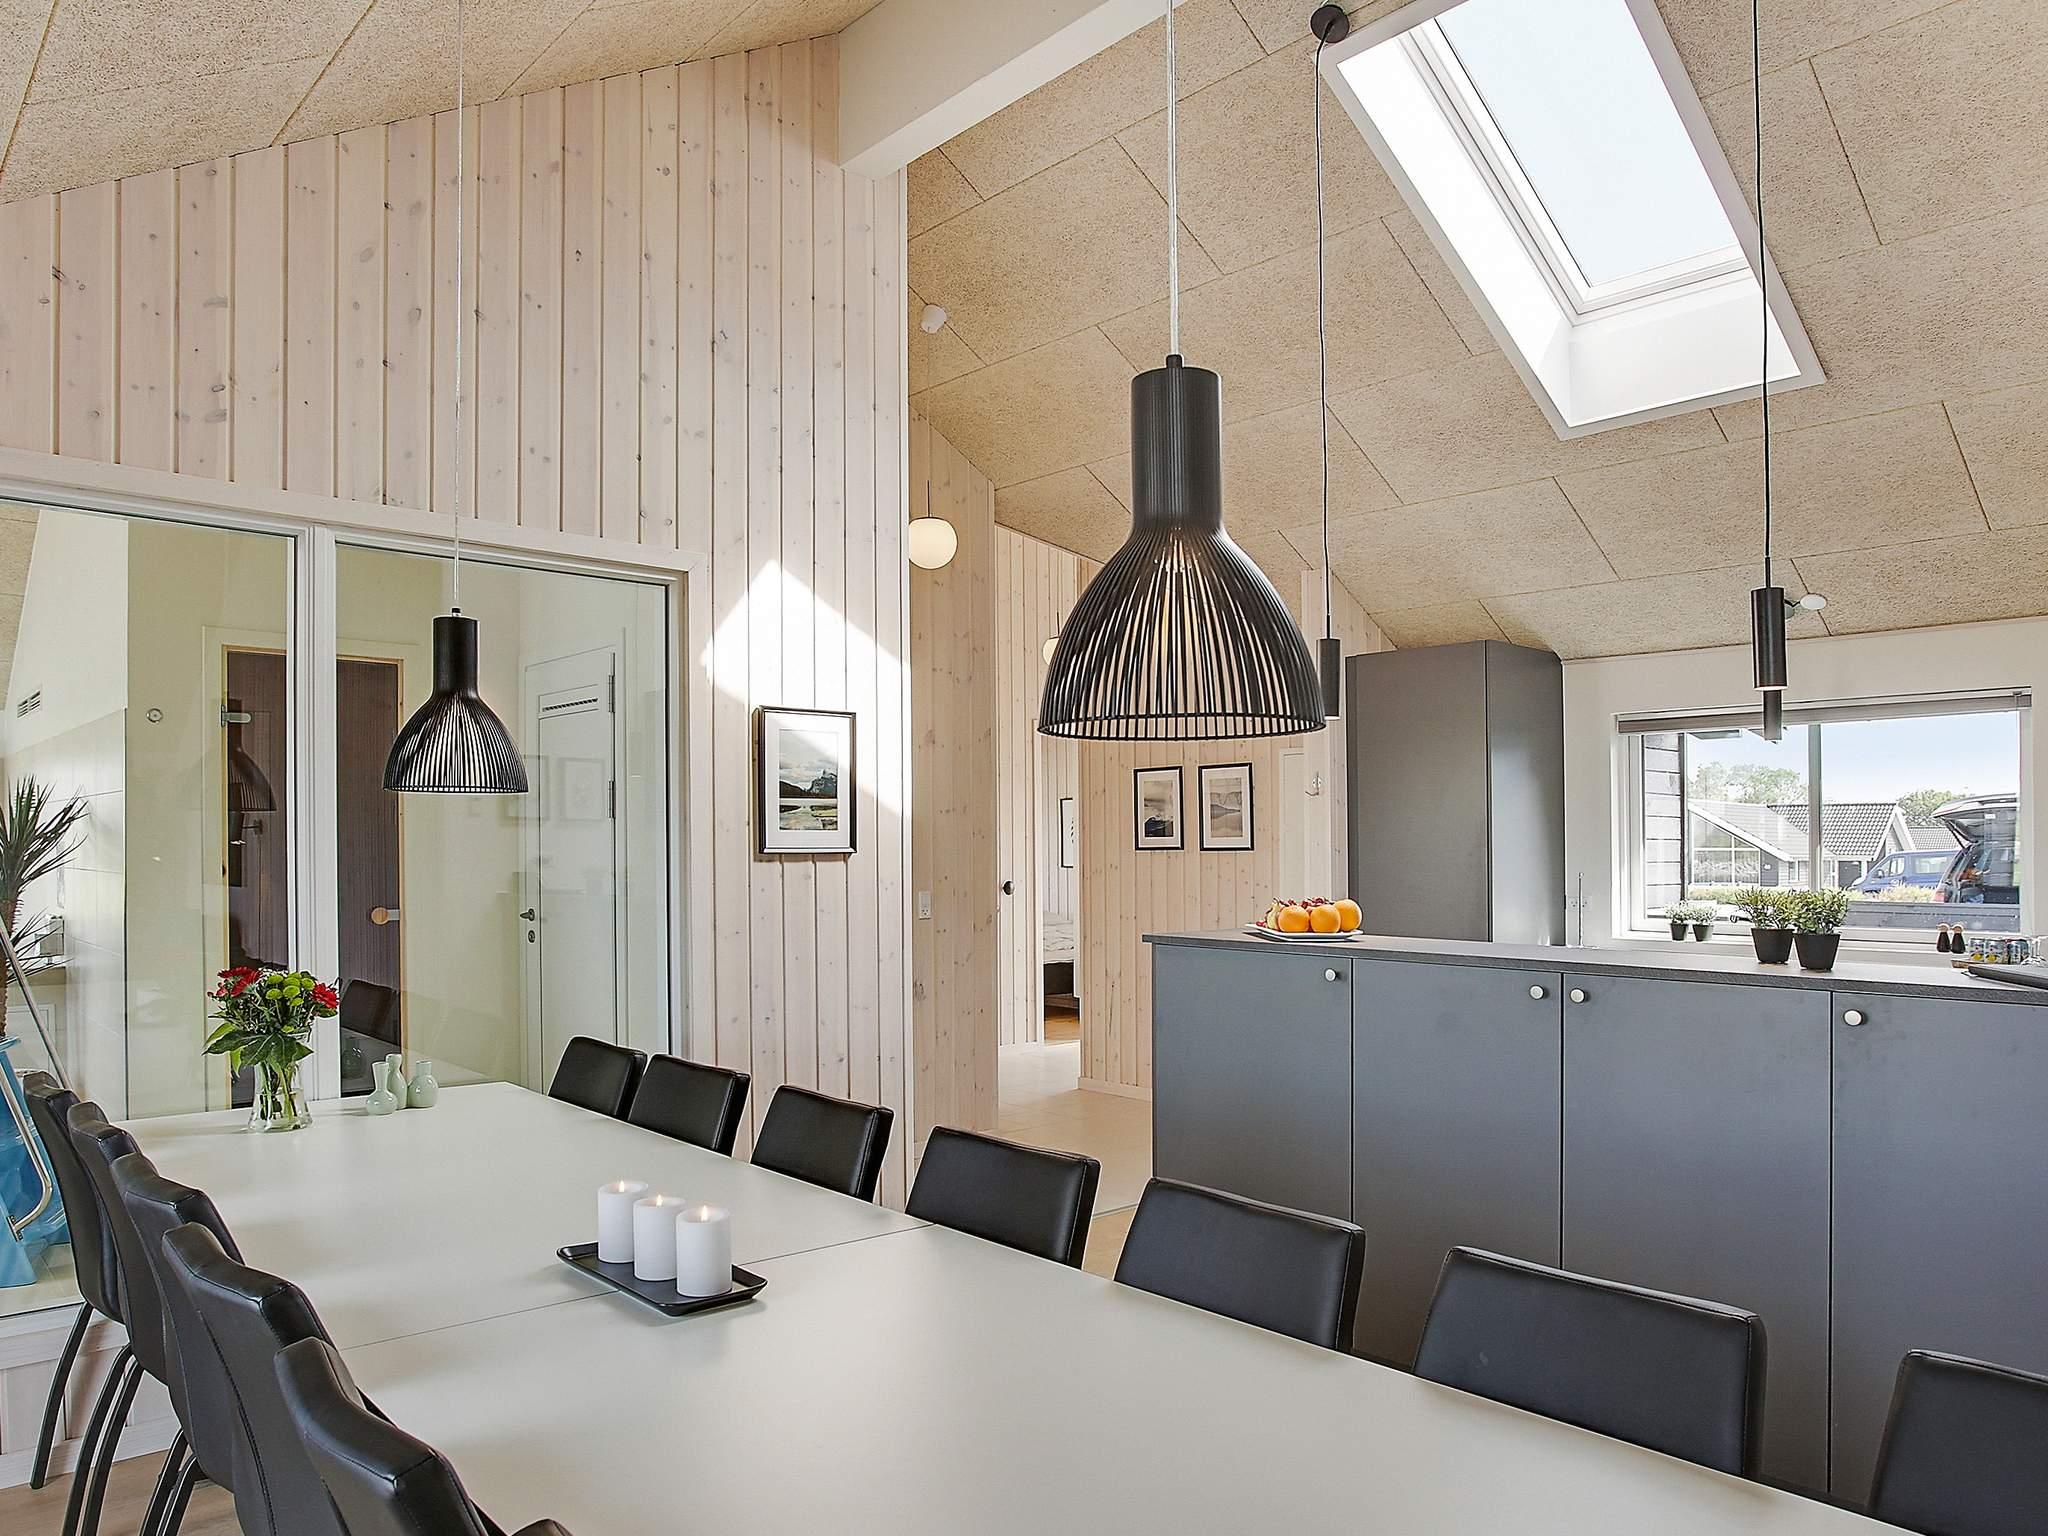 Ferienhaus Skåstrup Strand (2355173), Skåstrup, , Fünen, Dänemark, Bild 20